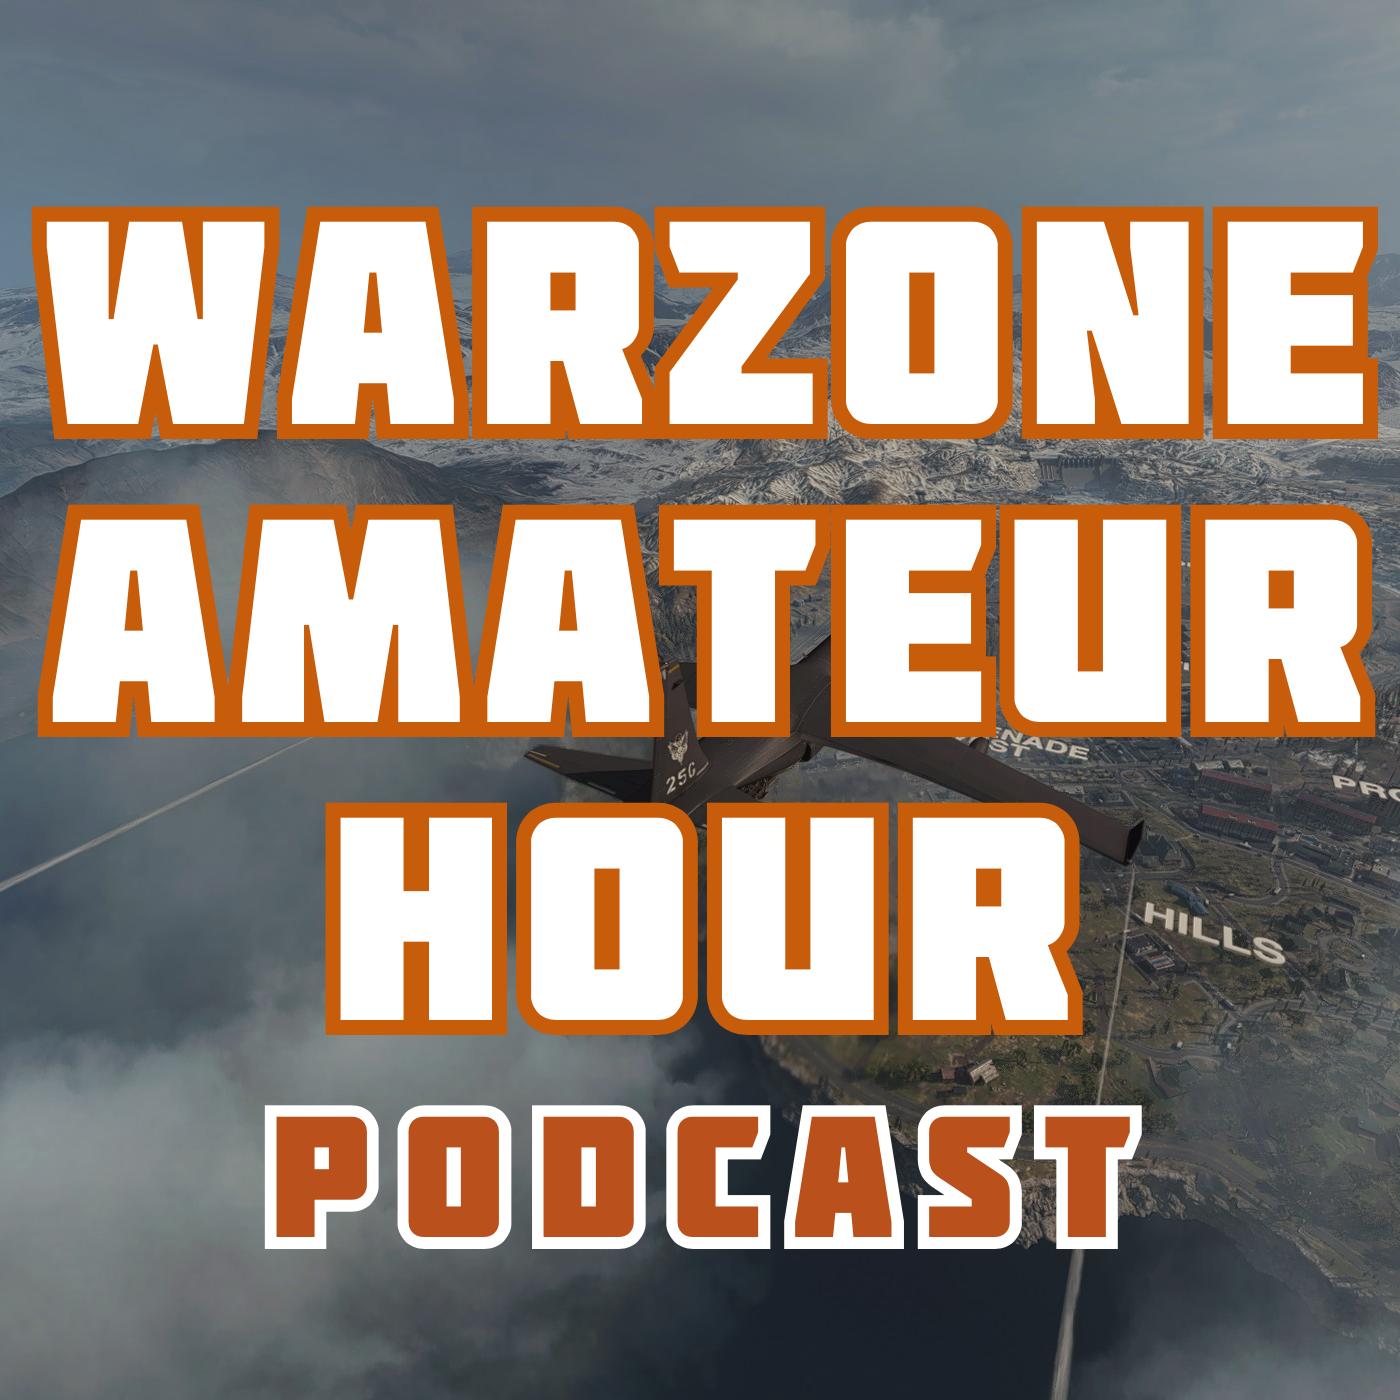 Warzone Amateur Hour Podcast show art